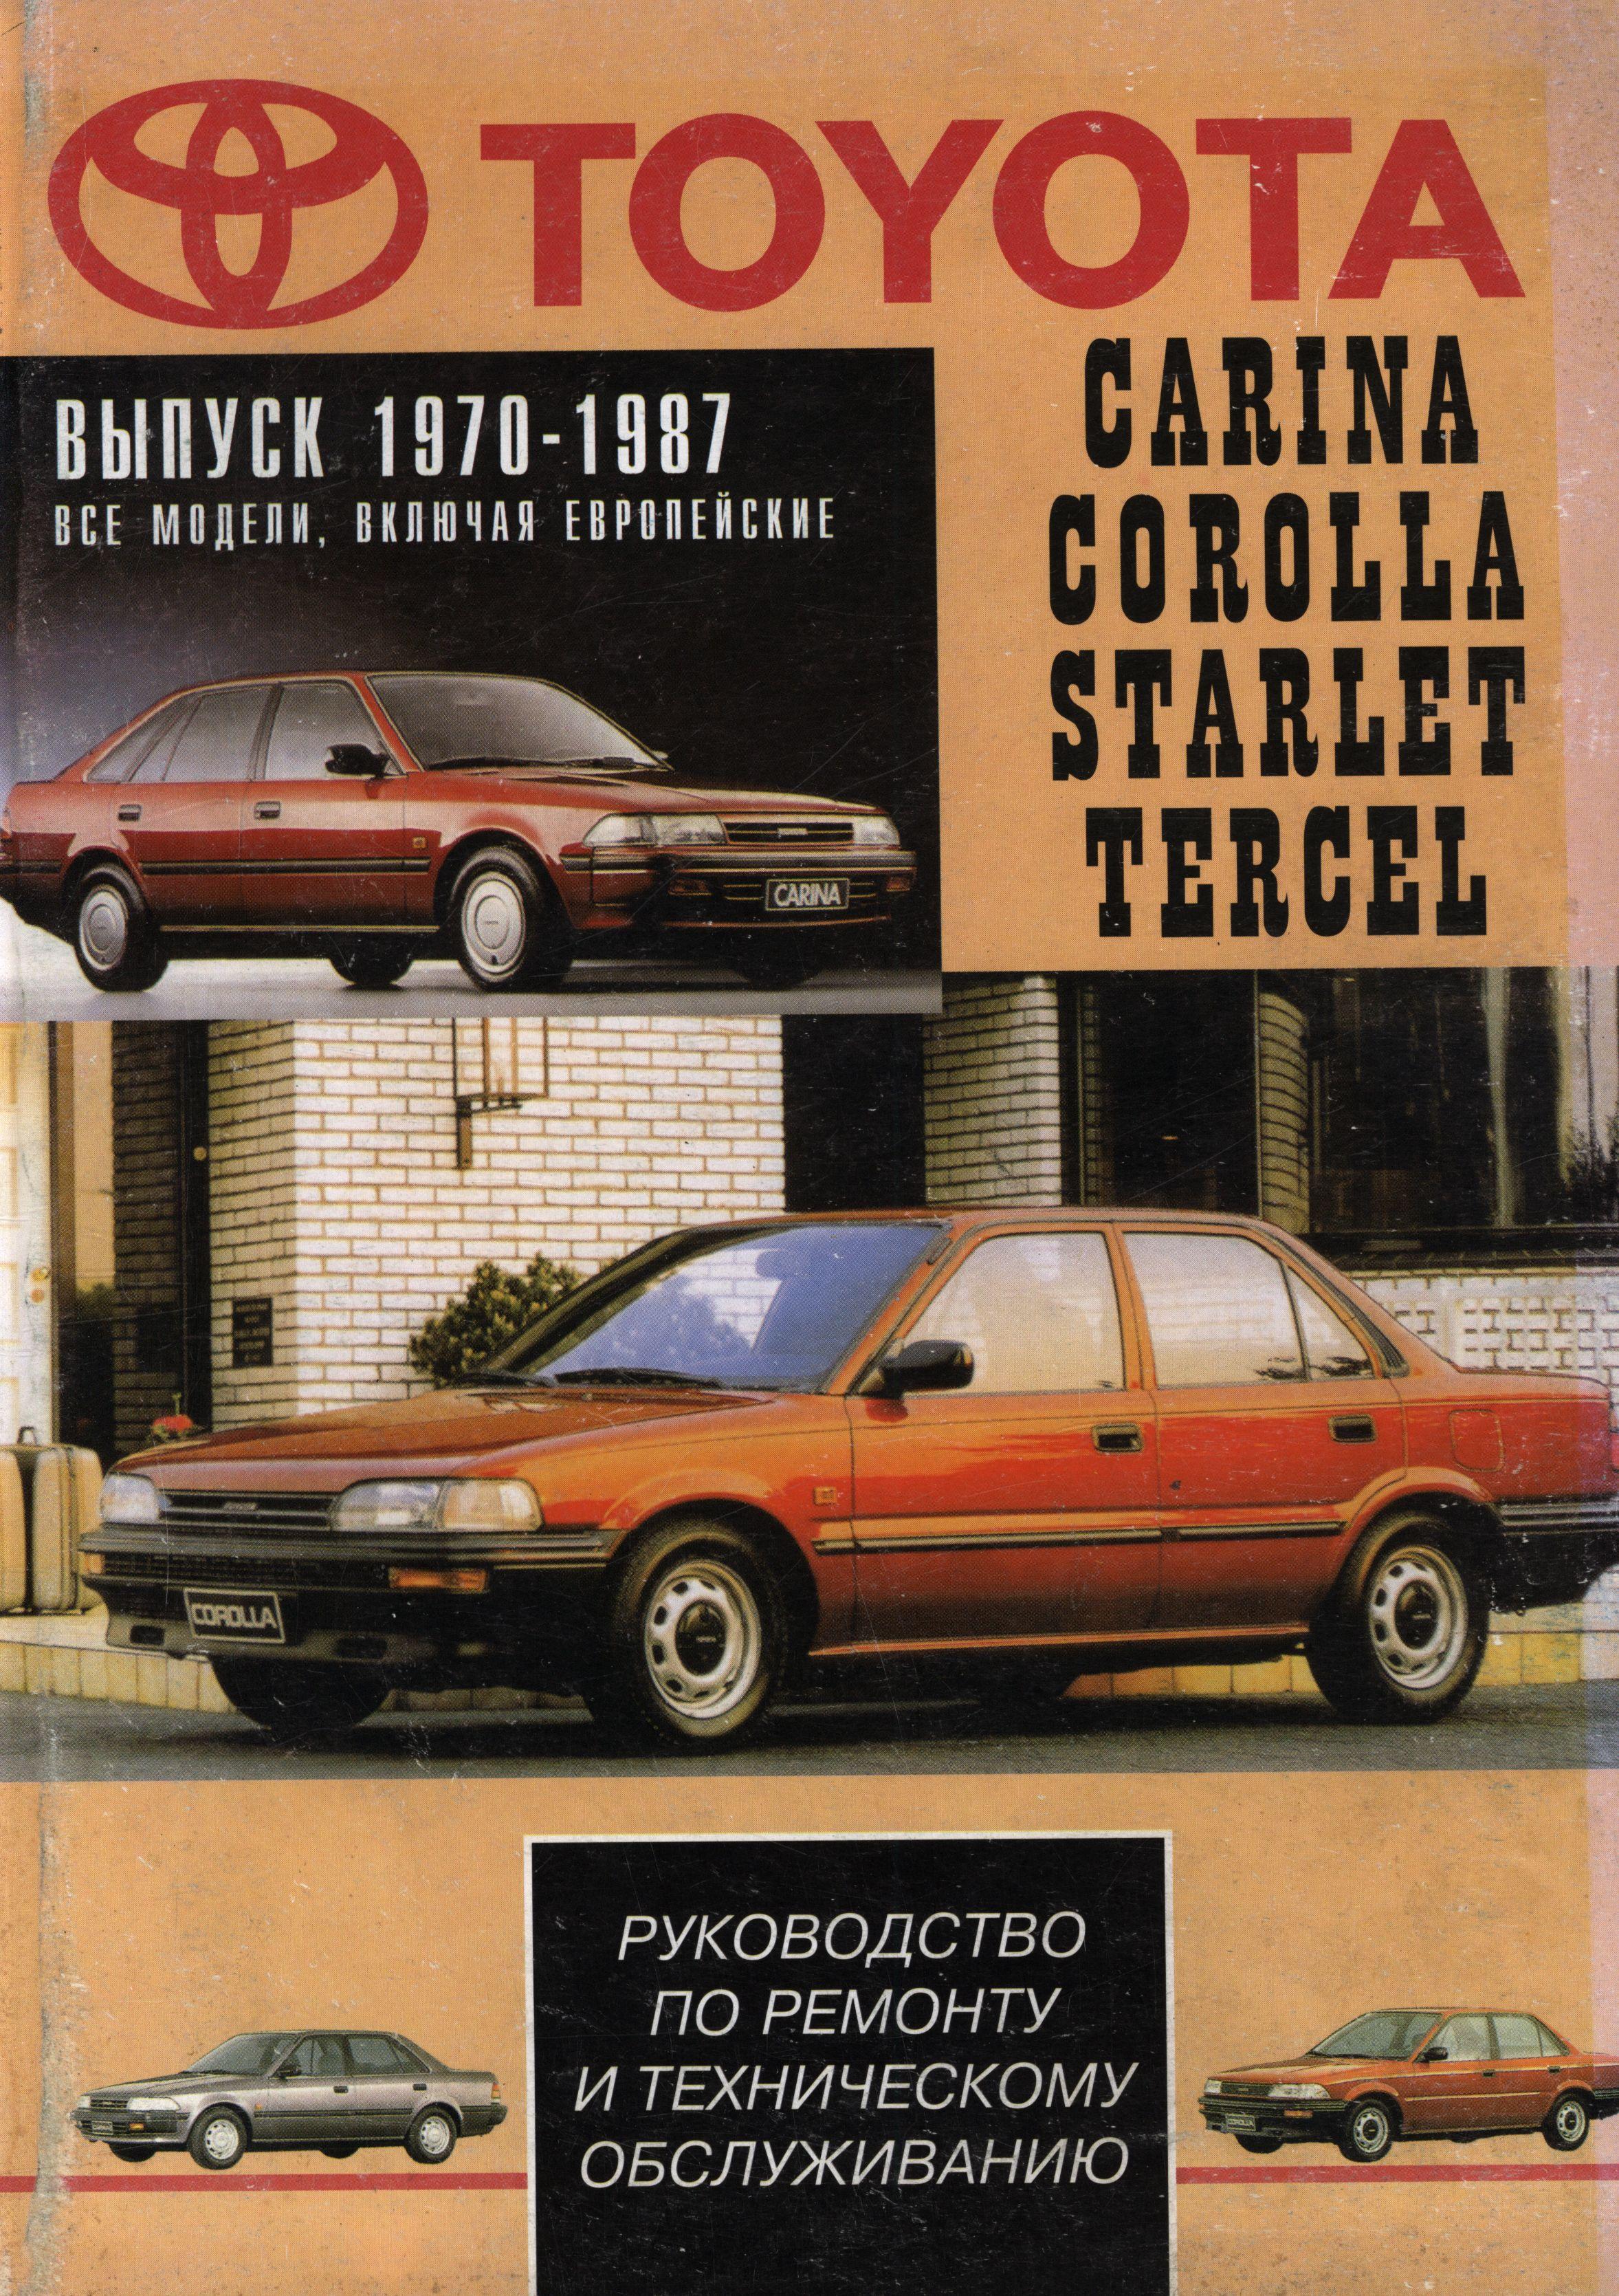 TOYOTA TERCEL 1970-1987 Пособие по ремонту и техническому обслуживанию